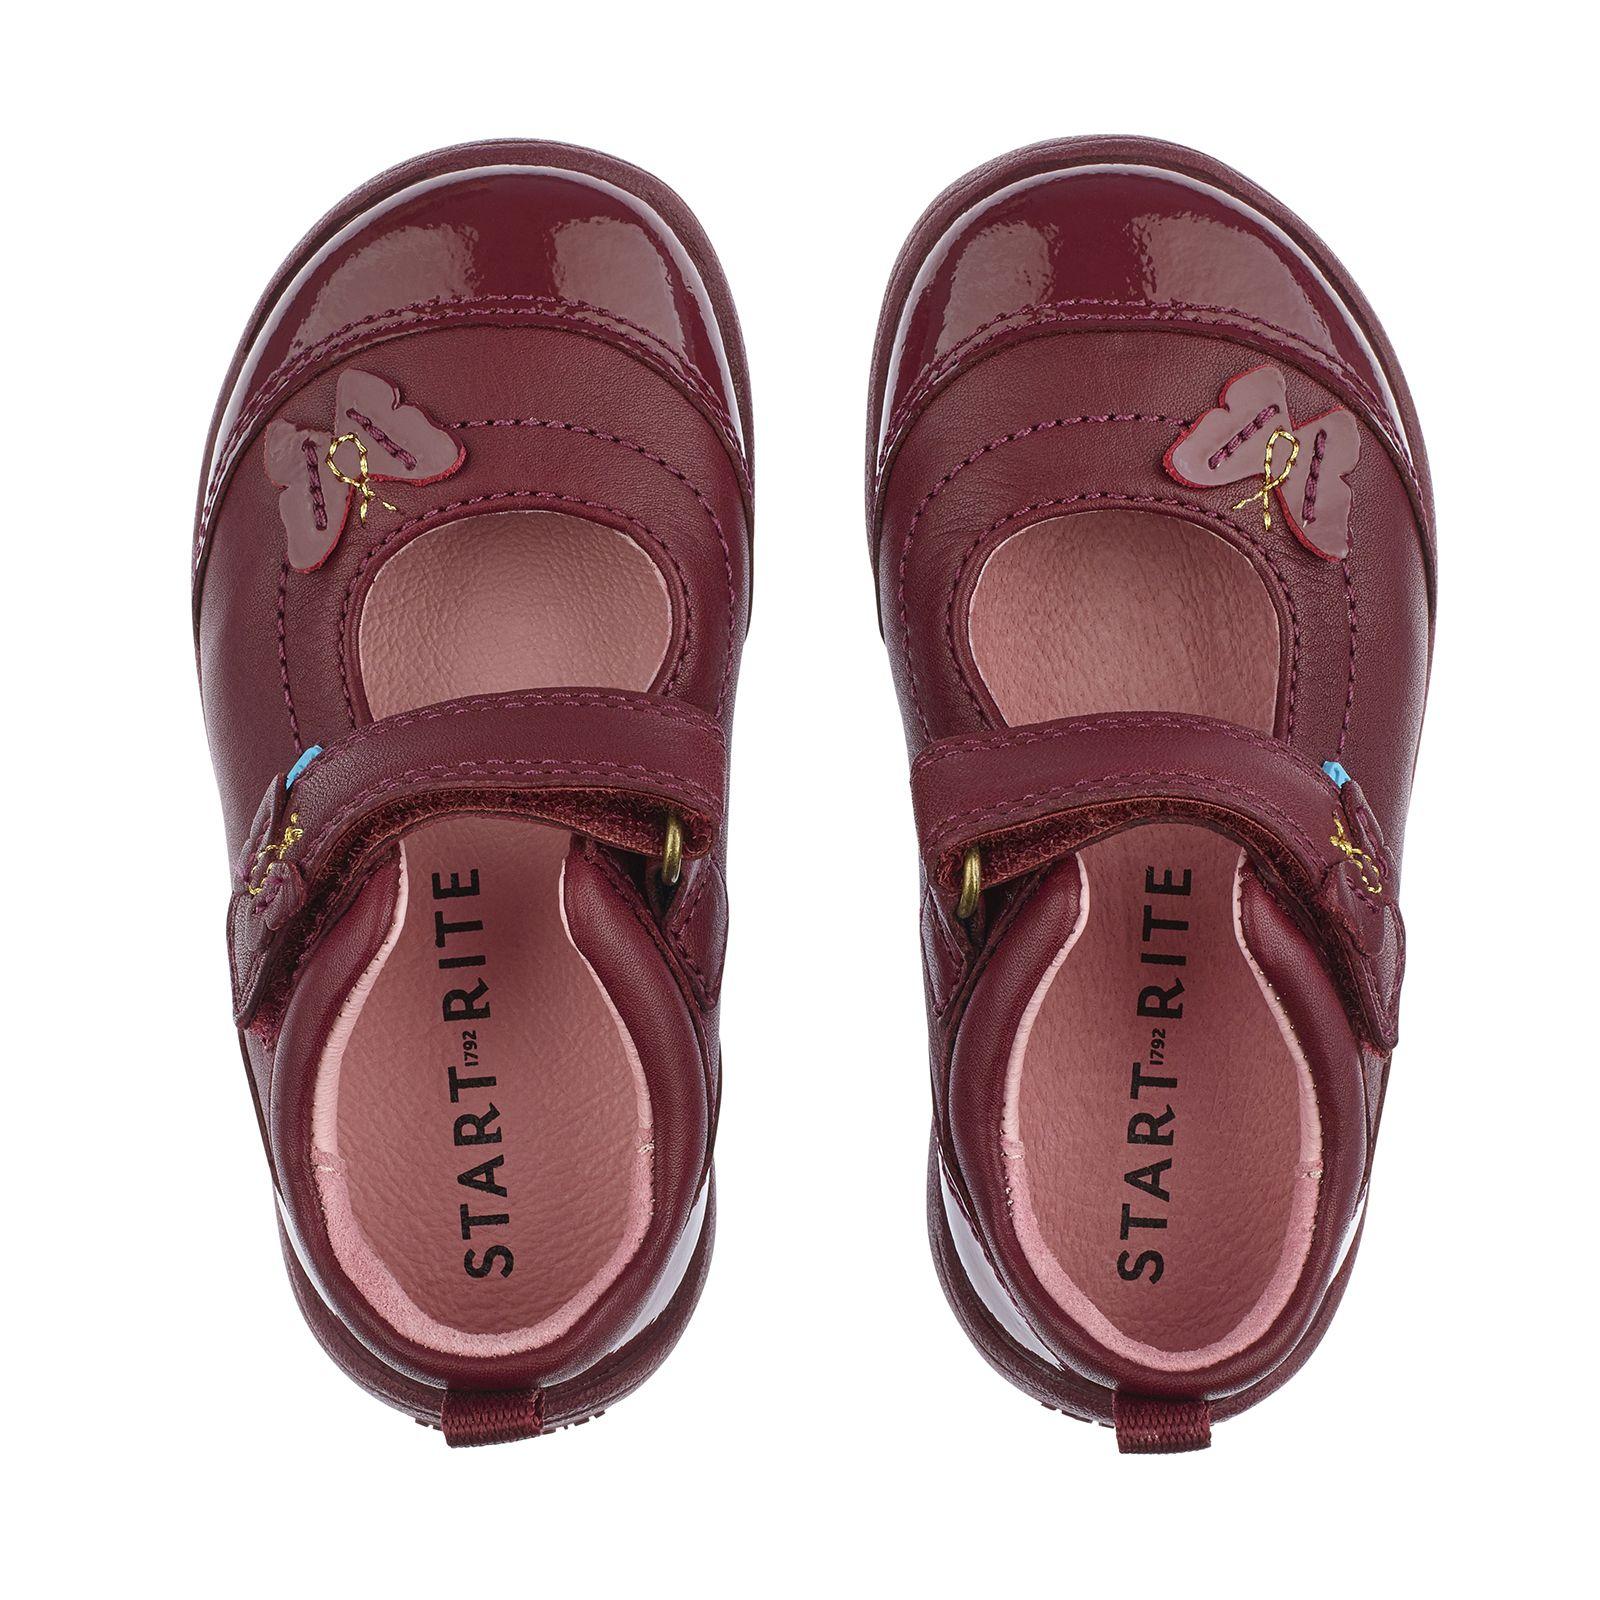 cbe9e13c134 Swing in Wine Leather/Patent | Pre-School in 2019 | School shoes ...